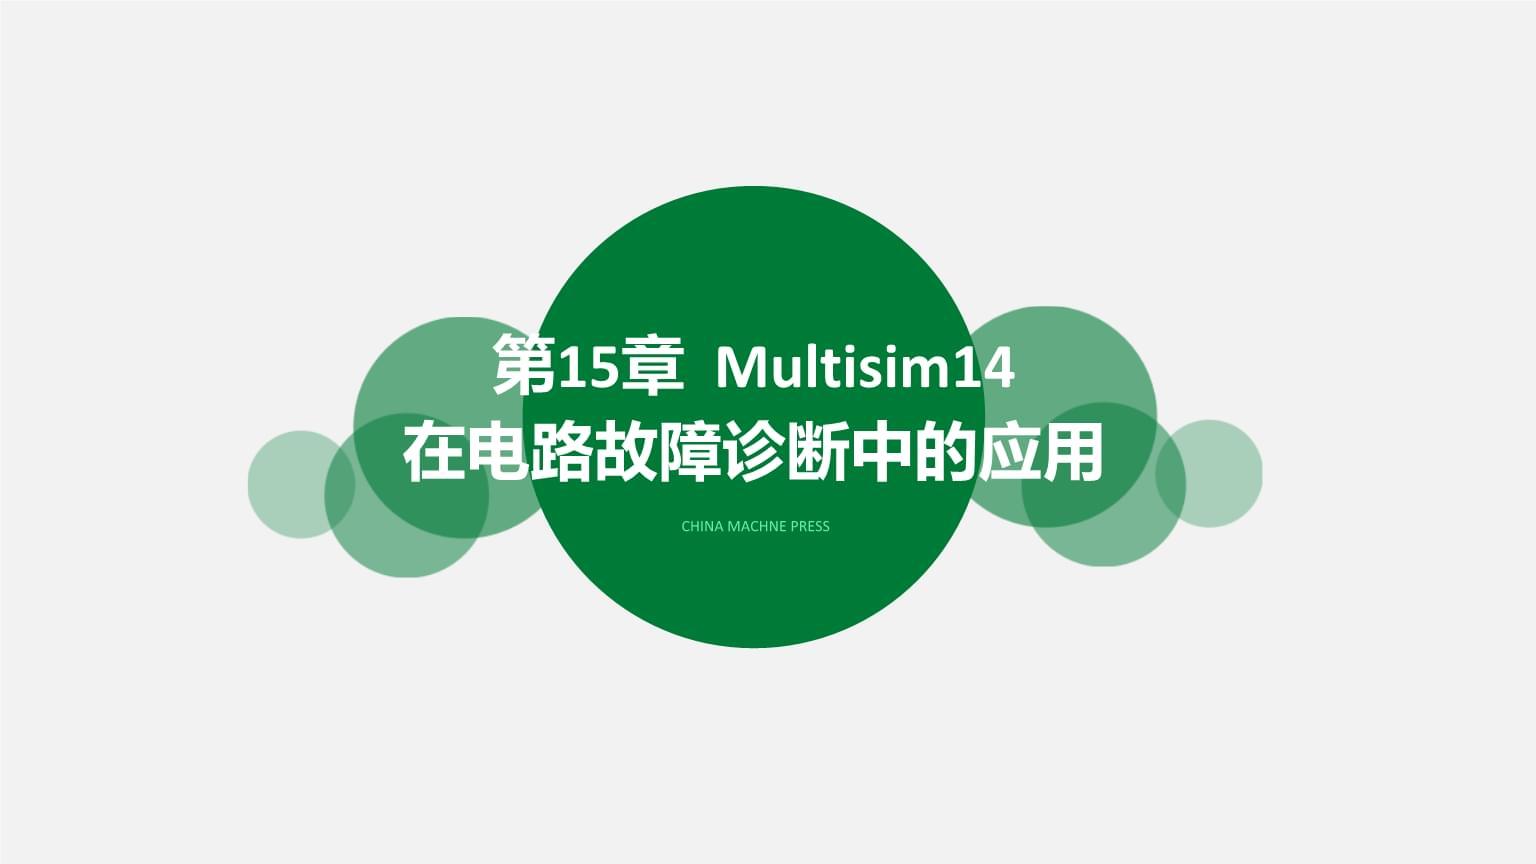 Multisim14电子系统仿真与设计第14章  Multisim14在电路故障诊断中的应用.ppt